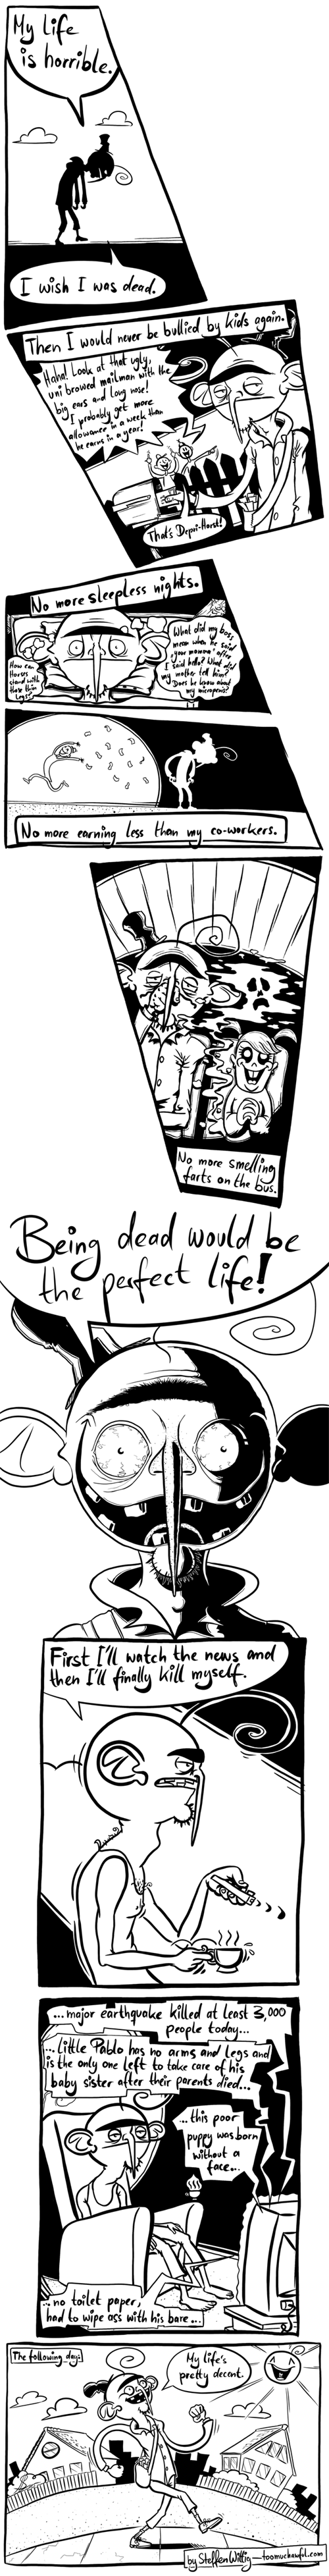 sad but true depression web comics - 8494042368